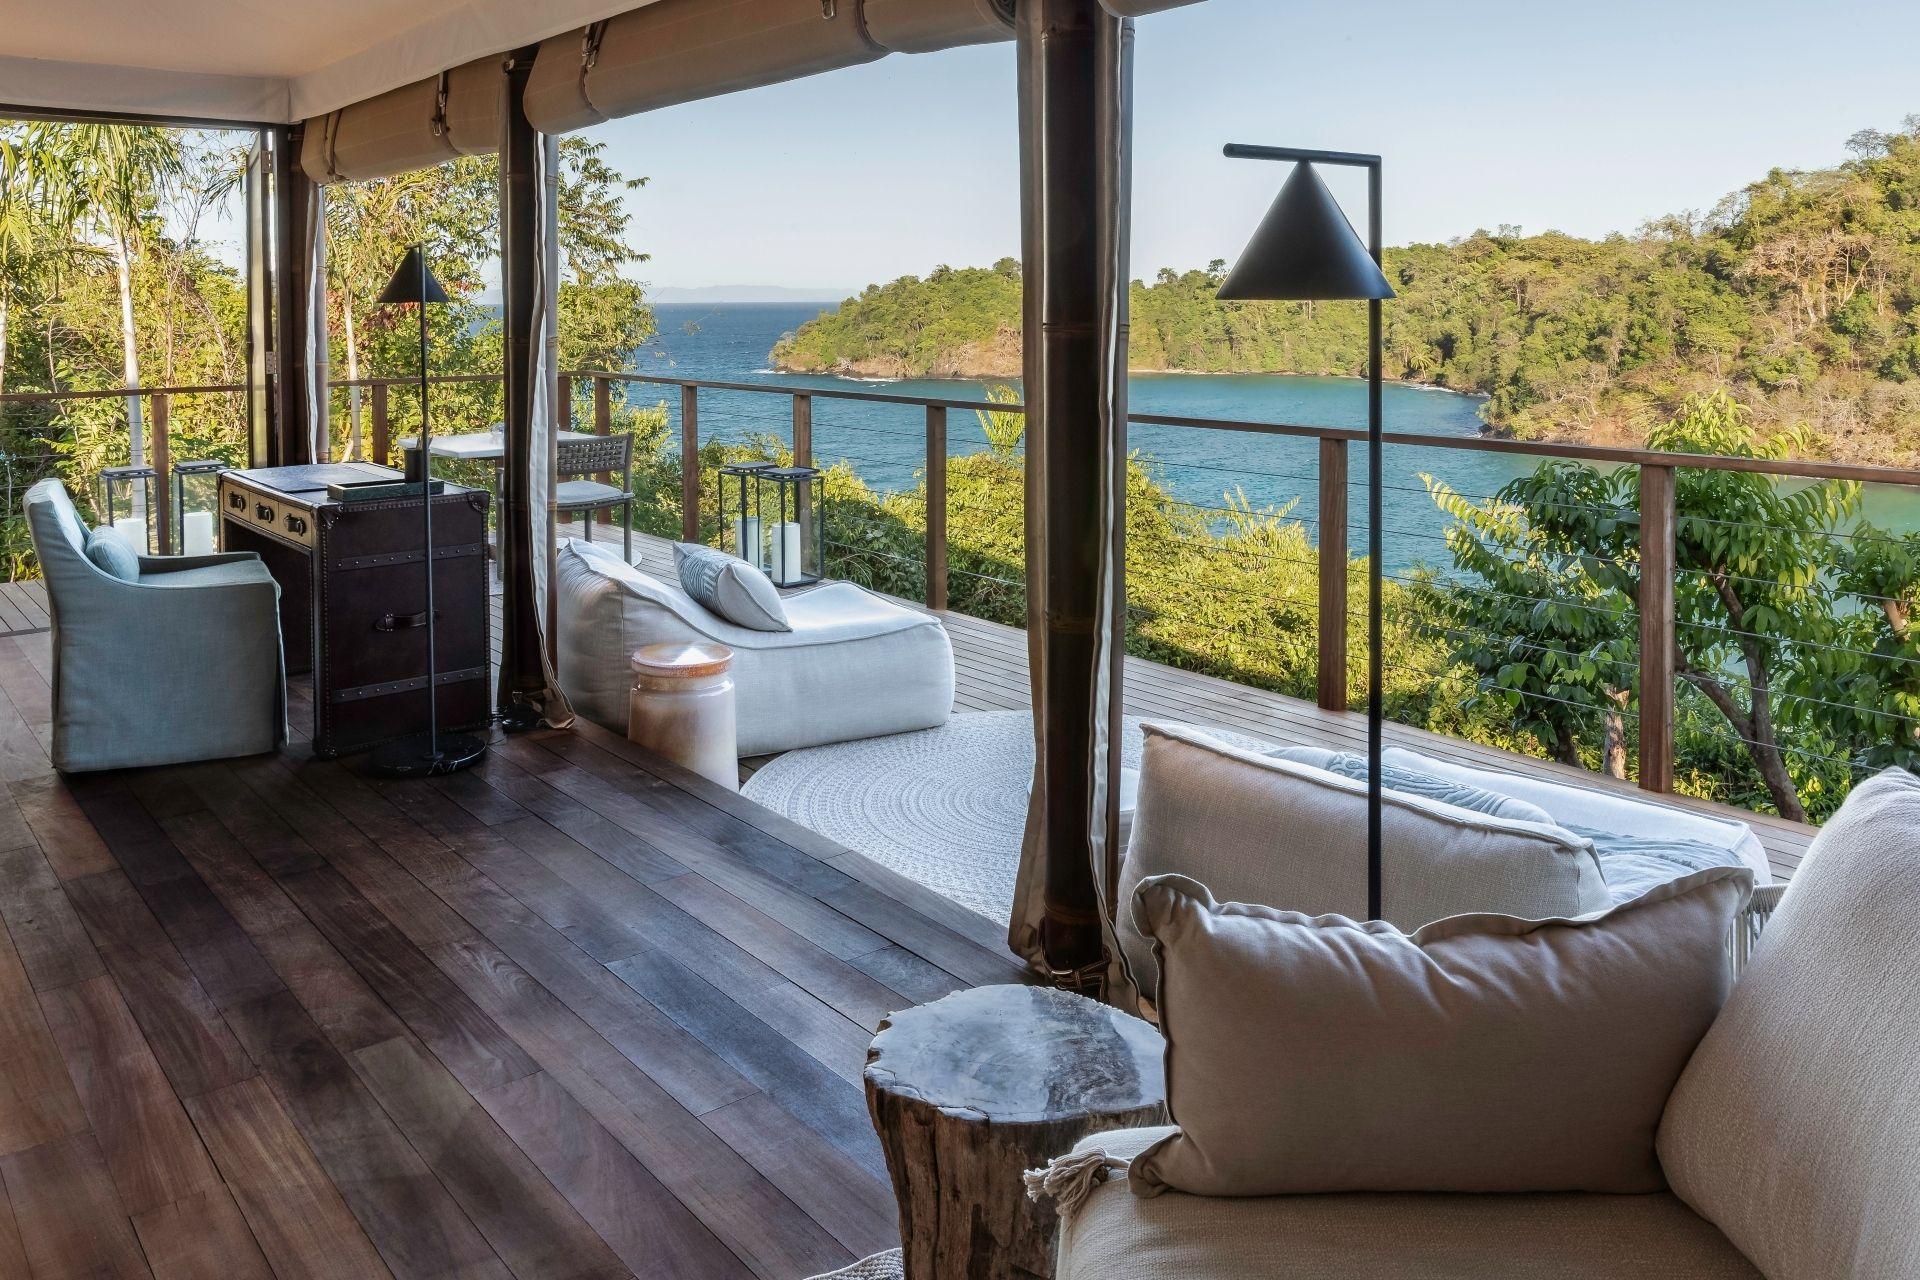 Move_Mountains_Luxury_Holidays_Sustainable_Americas_Panama_Islas_Secas_tented_Casitas_terrace